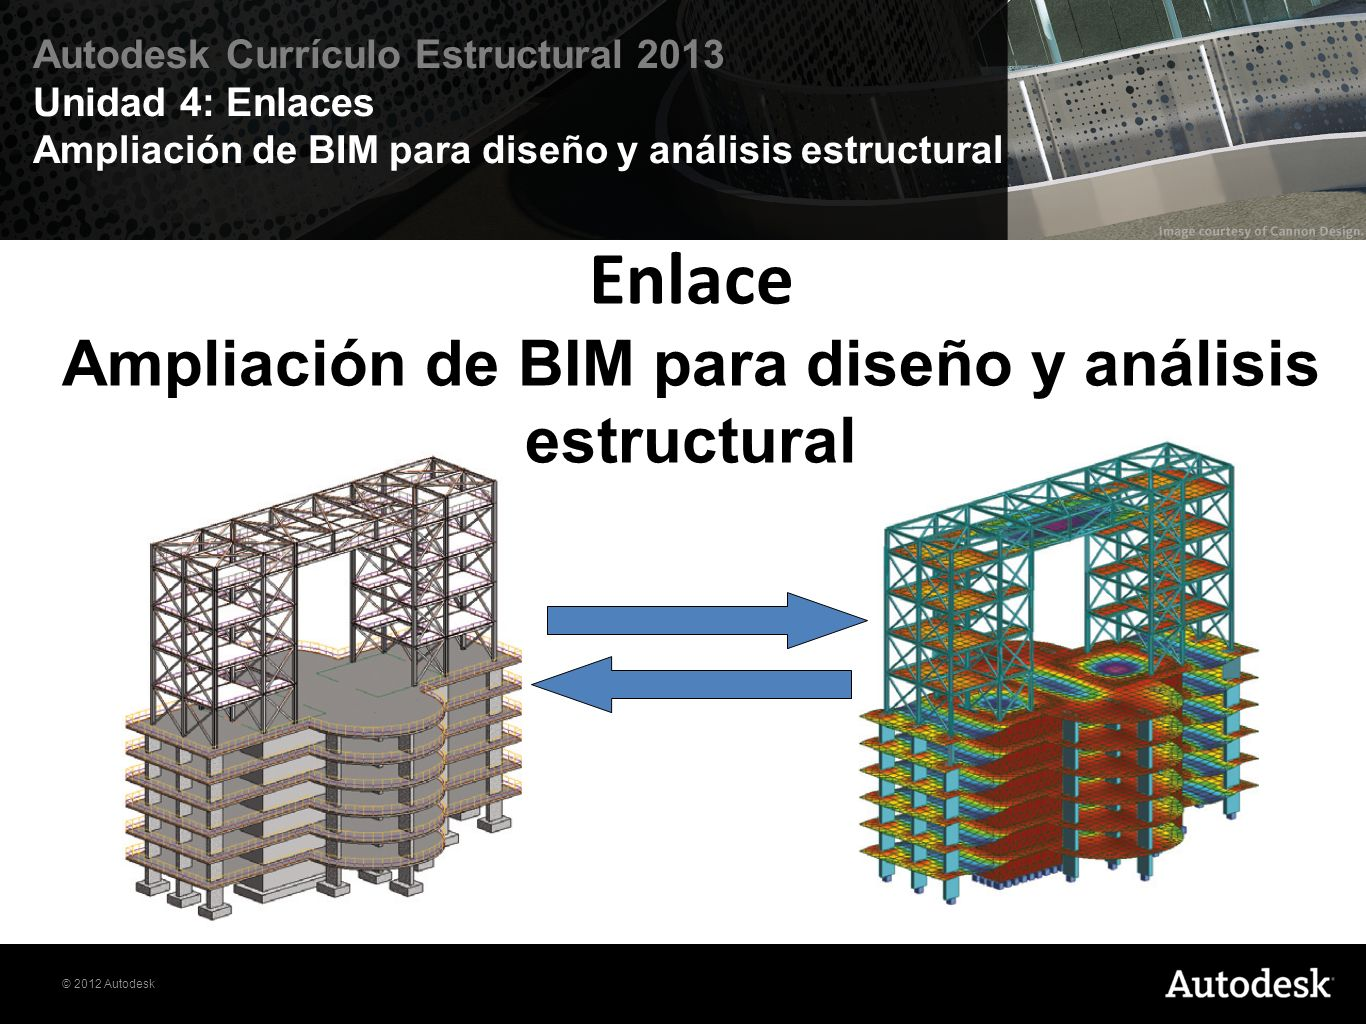 © 2012 Autodesk Autodesk Currículo Estructural 2013 Unidad 4: Enlaces Ampliación de BIM para diseño y análisis estructural Enlace Ampliación de BIM pa